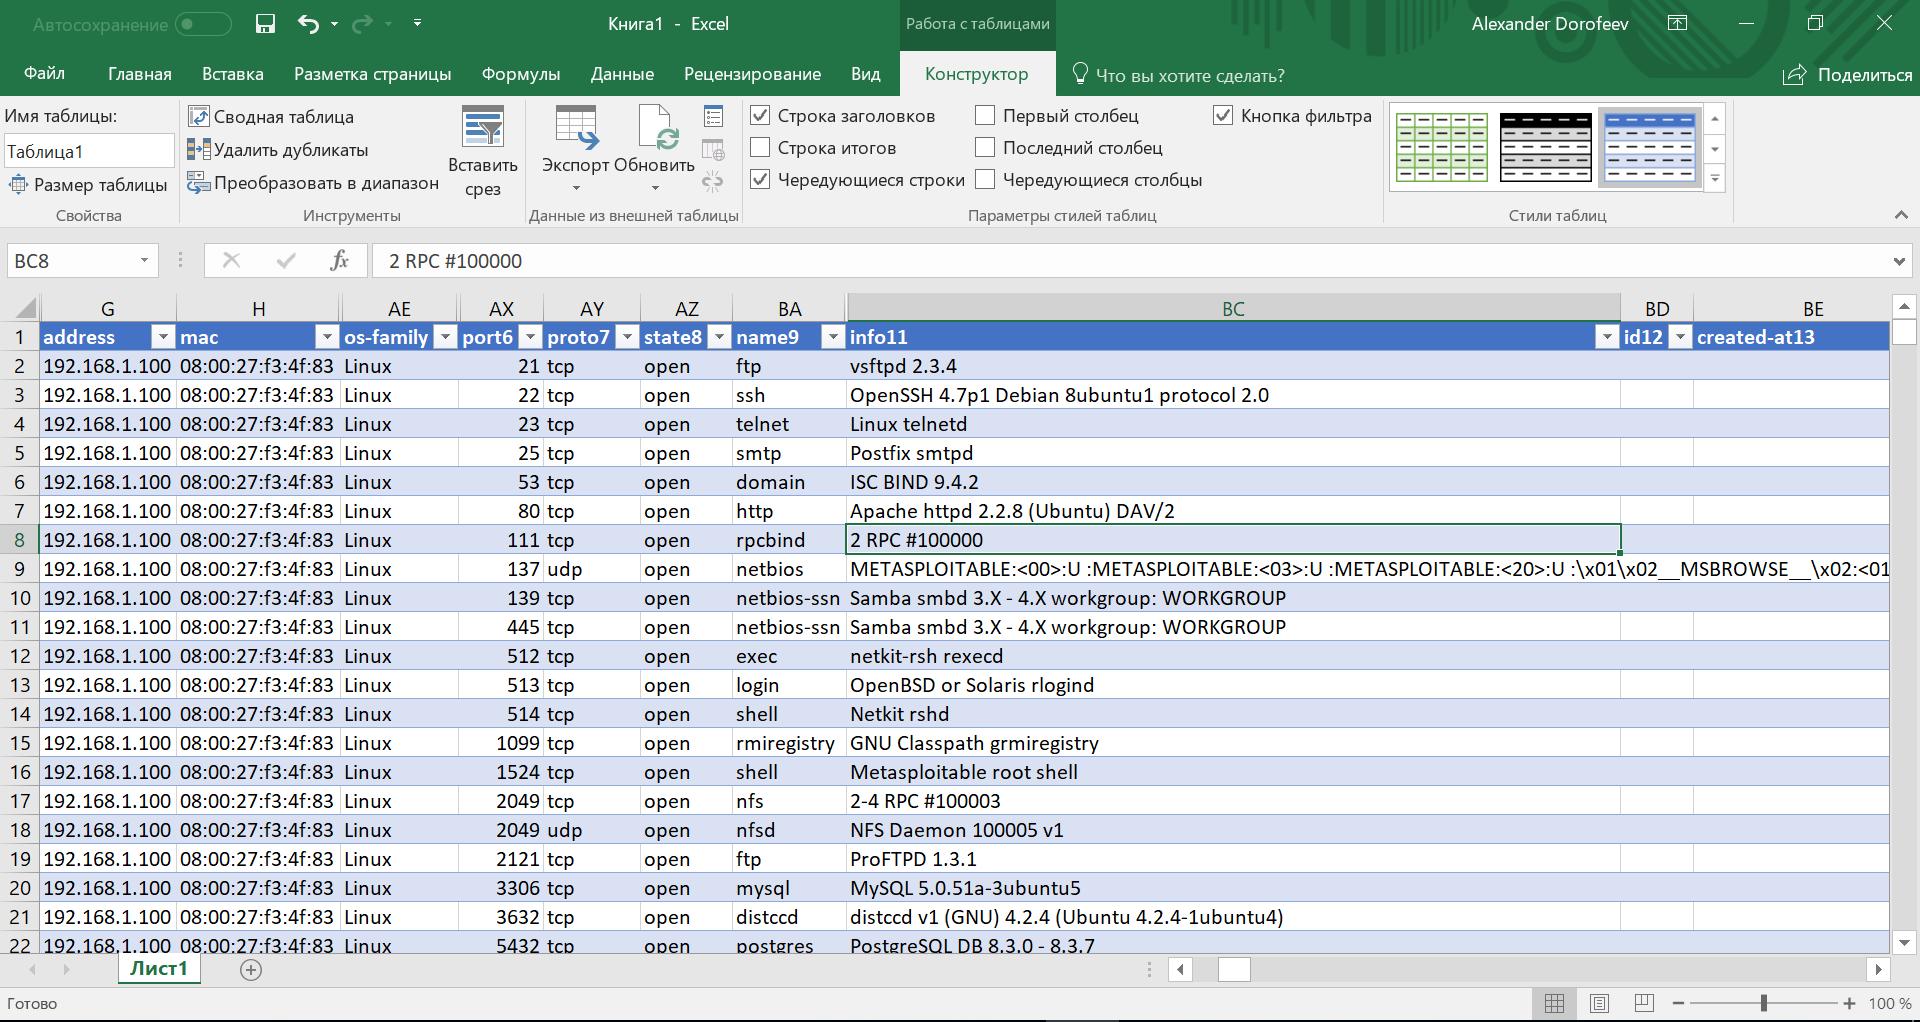 Тест на проникновение с помощью metasploit framework базовое  Поиск общедоступных сетевых папок